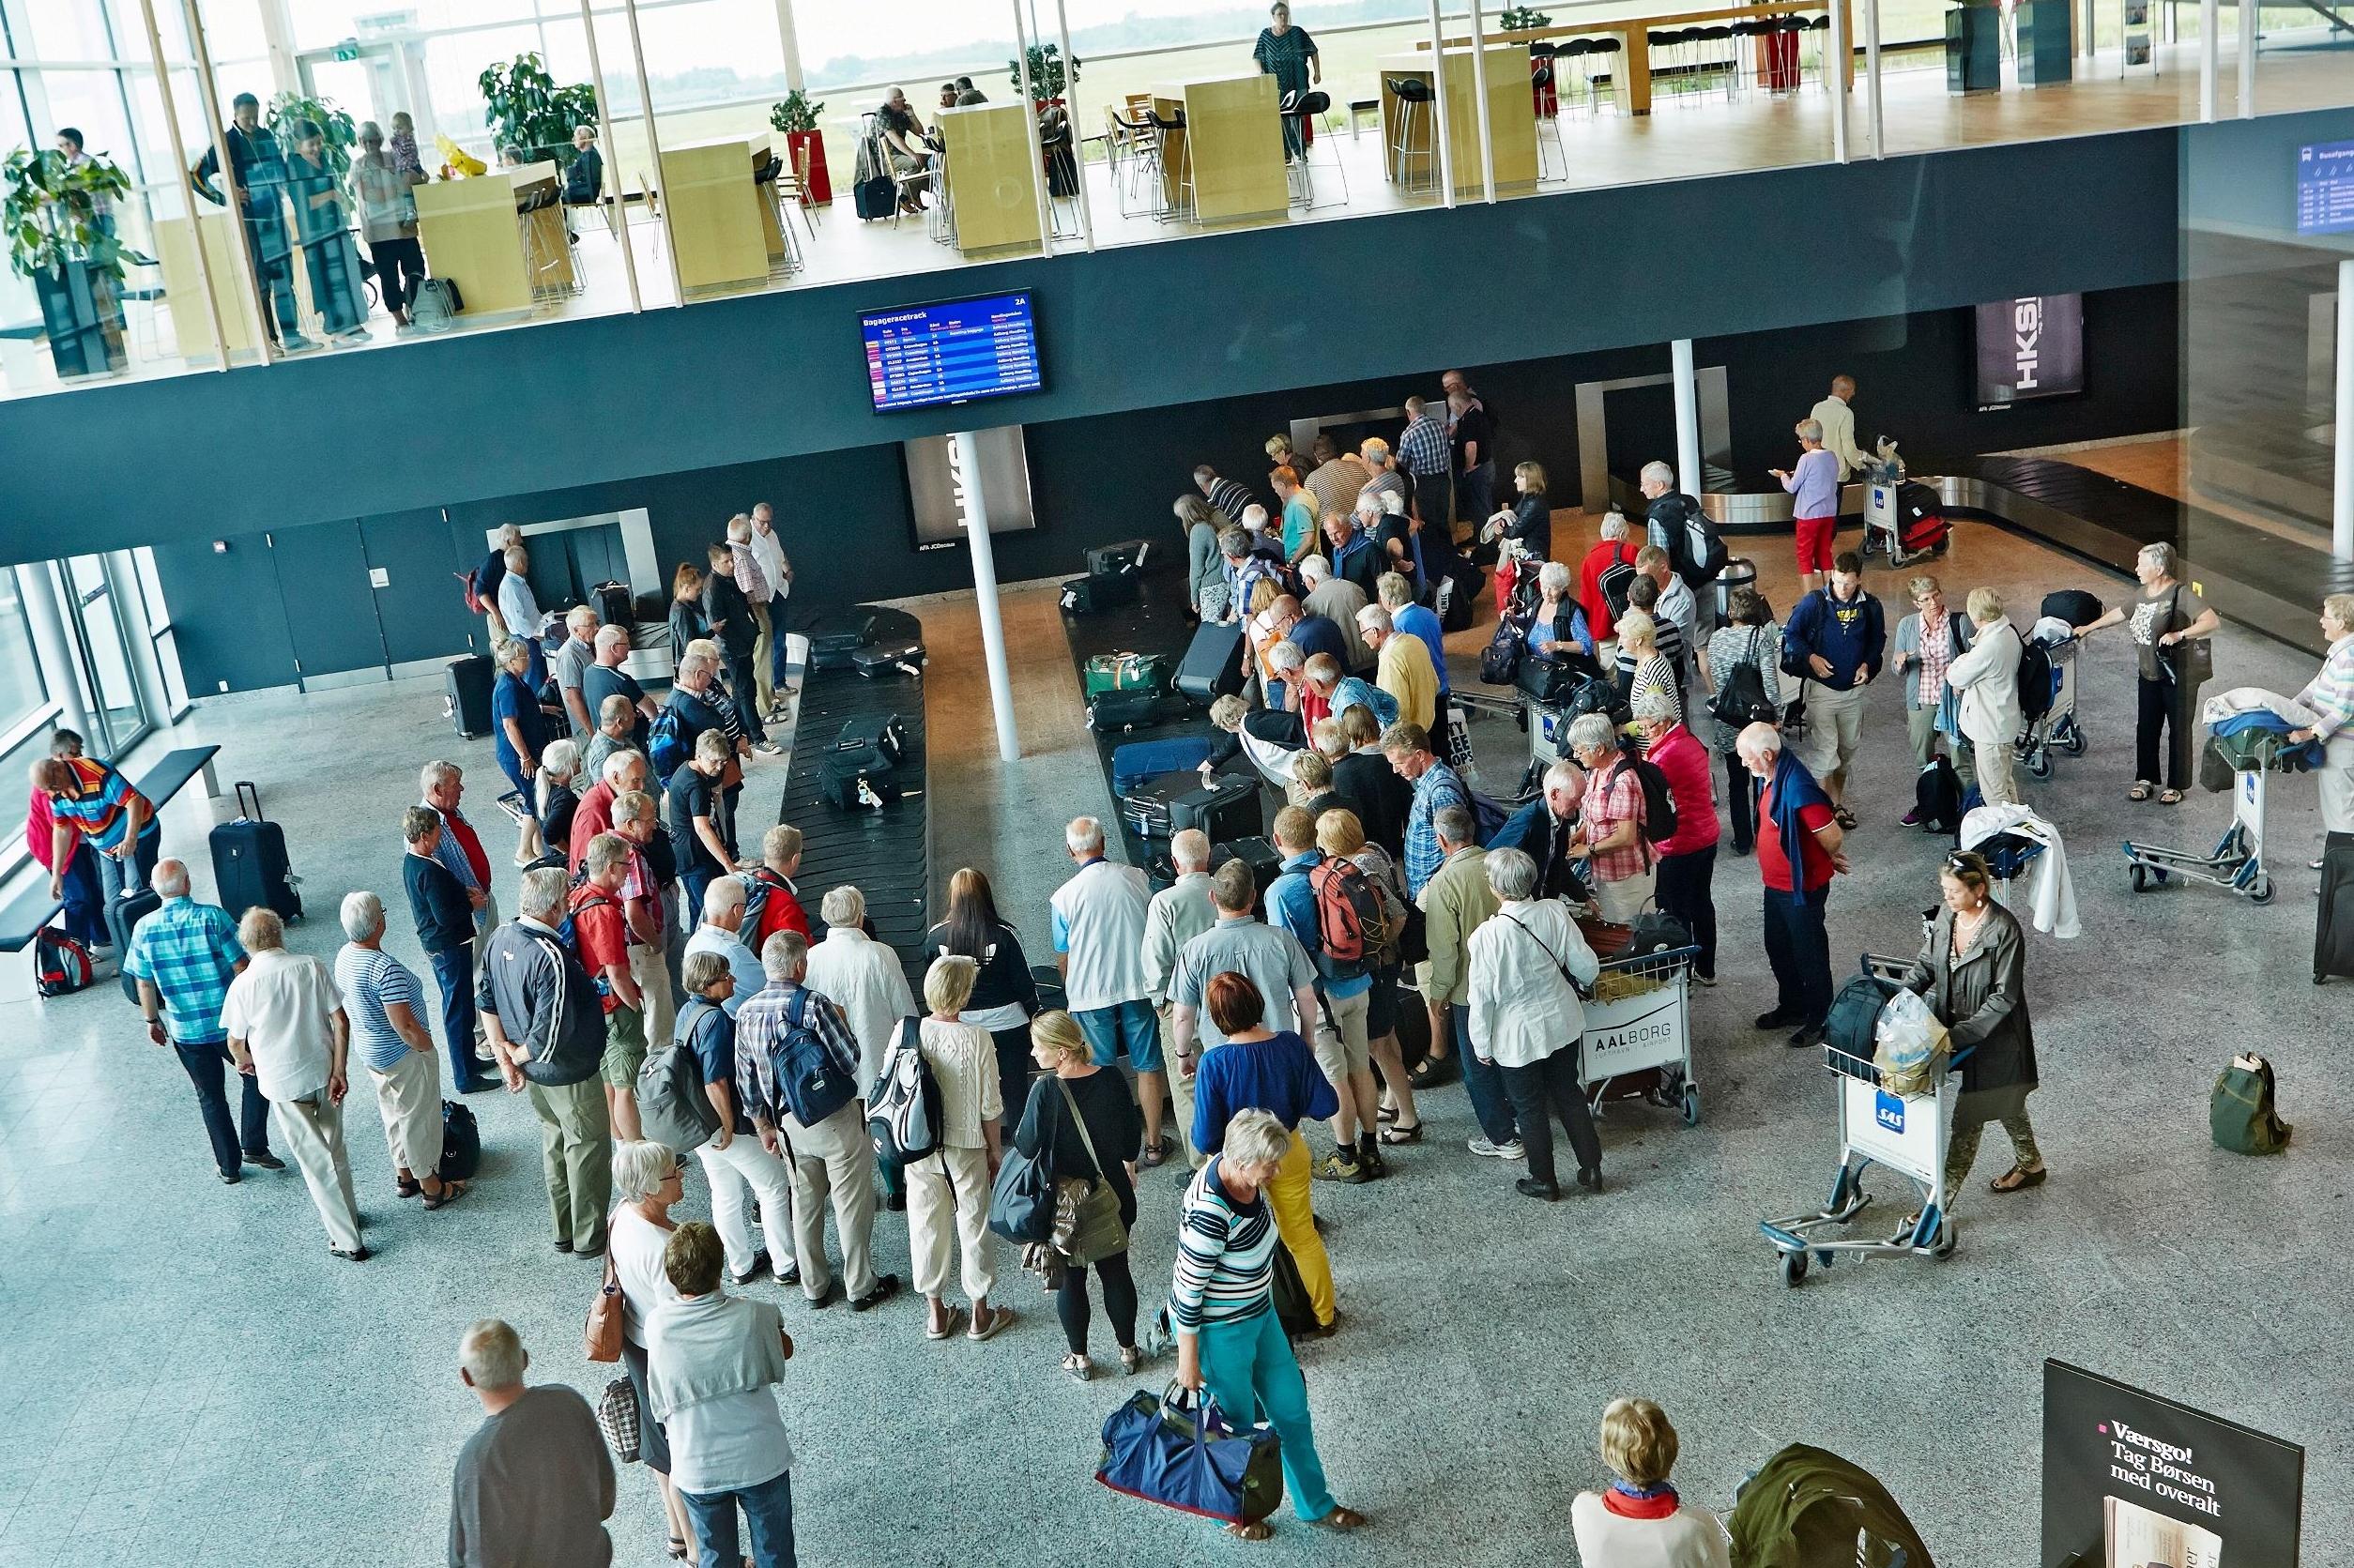 Den gruppe danskere, der mest hyppigt tager flyet til udlandet, er mellem 45 og 64 år, viser tal fra Danmarks Statistik. Her pressearkivfoto fra ankomstområdet i Aalborg Lufthavn.